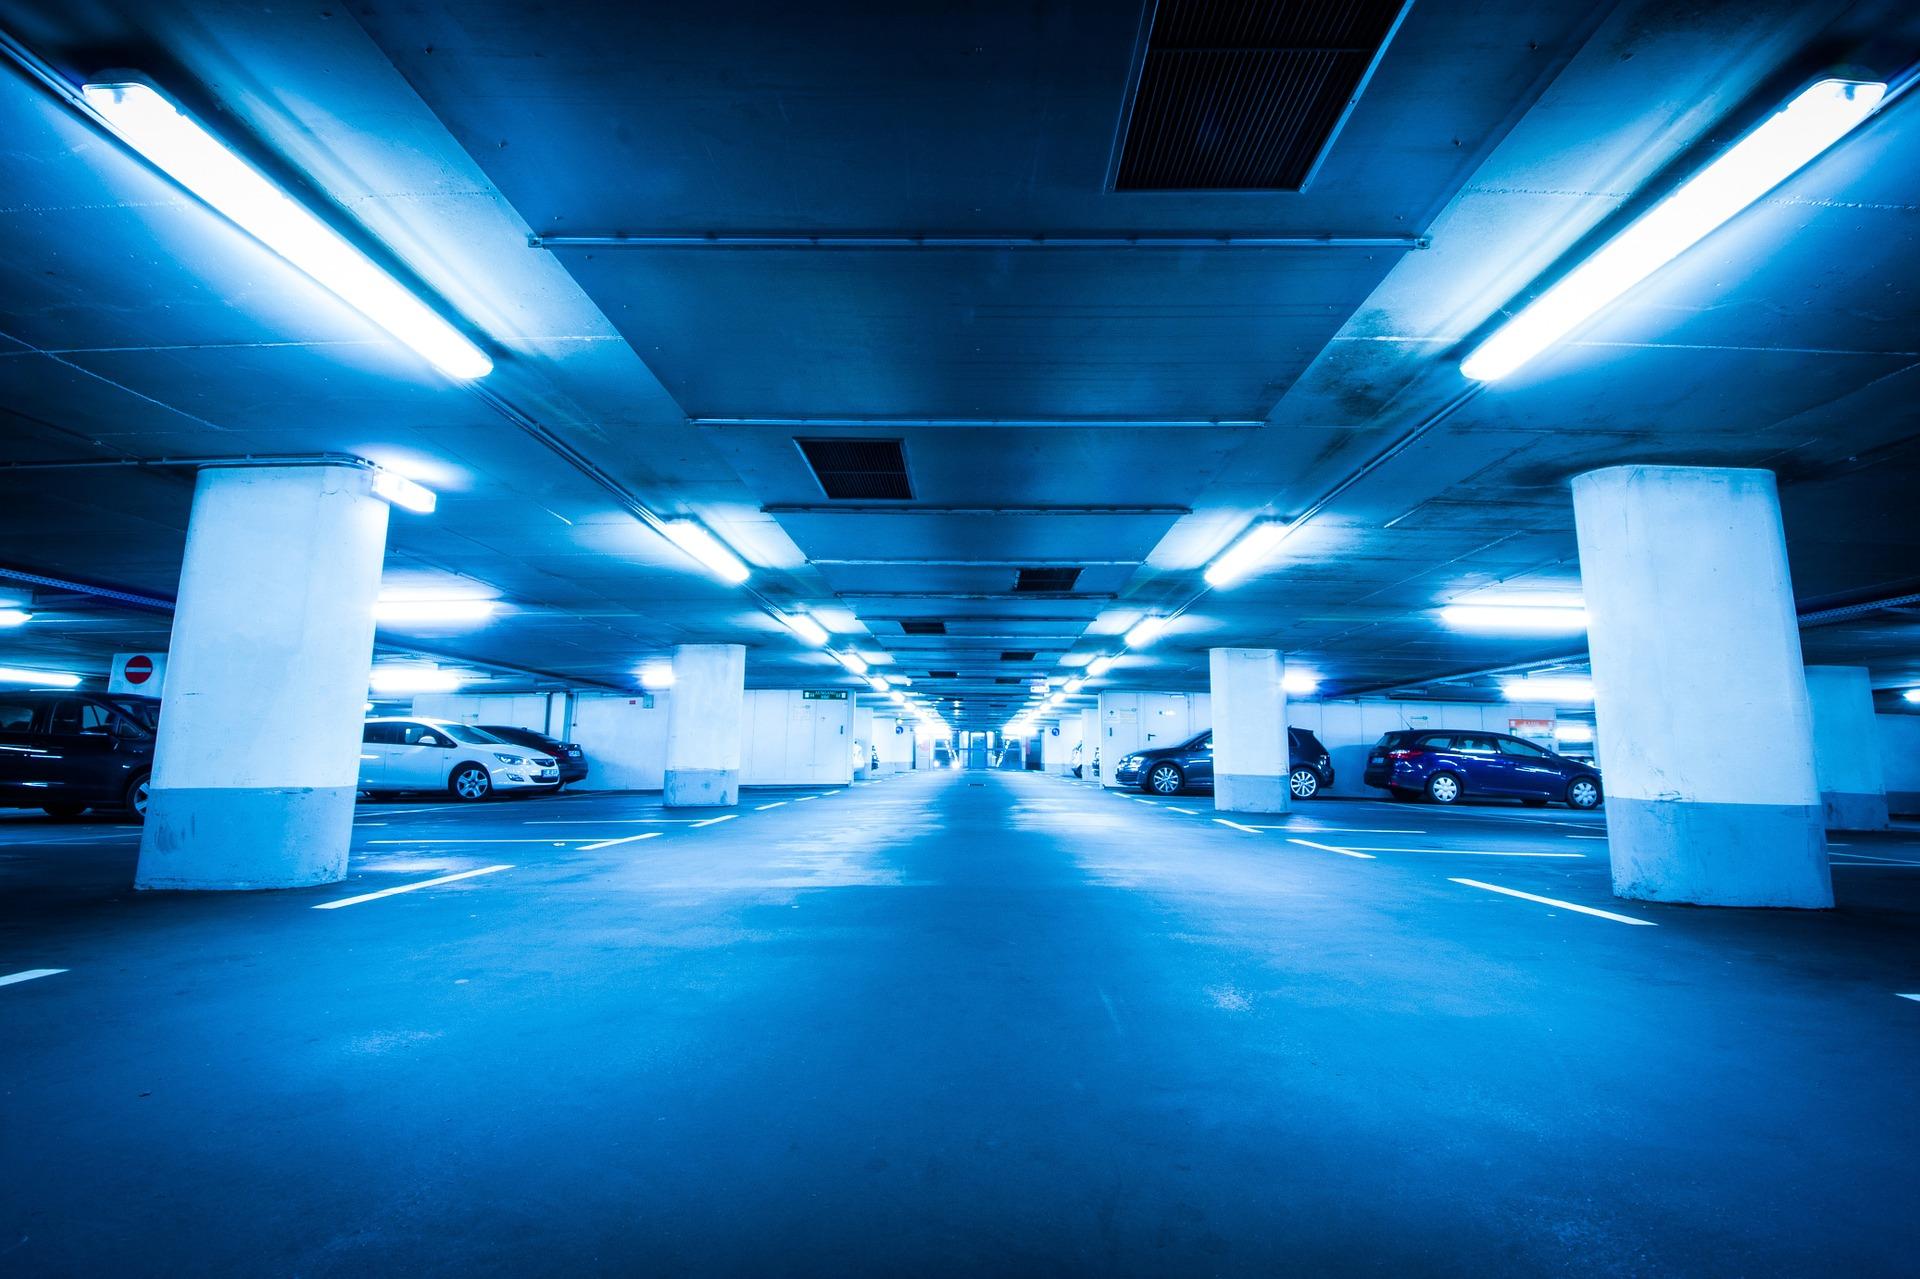 underground-car-park-1032598_1920.jpg